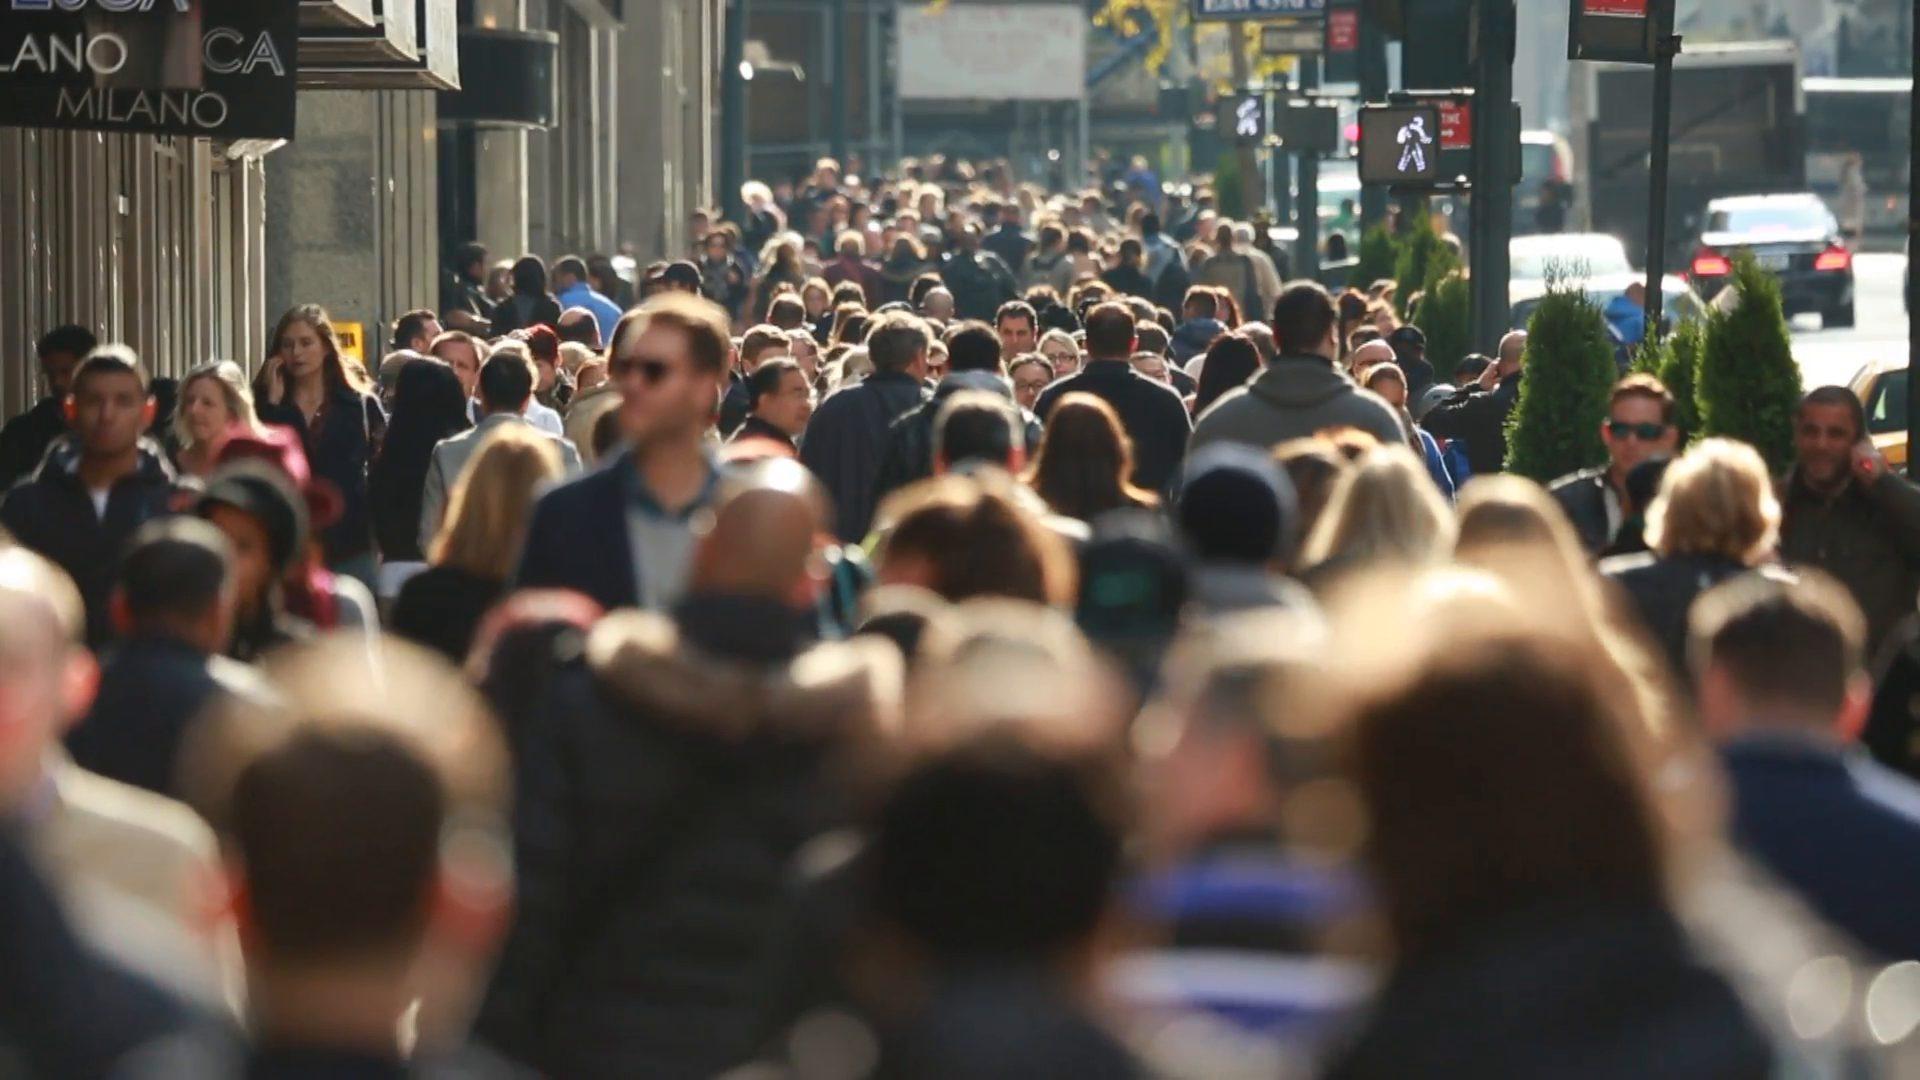 جمعیت جهان تا سال 2025 به ۸ میلیارد نفر می رسد